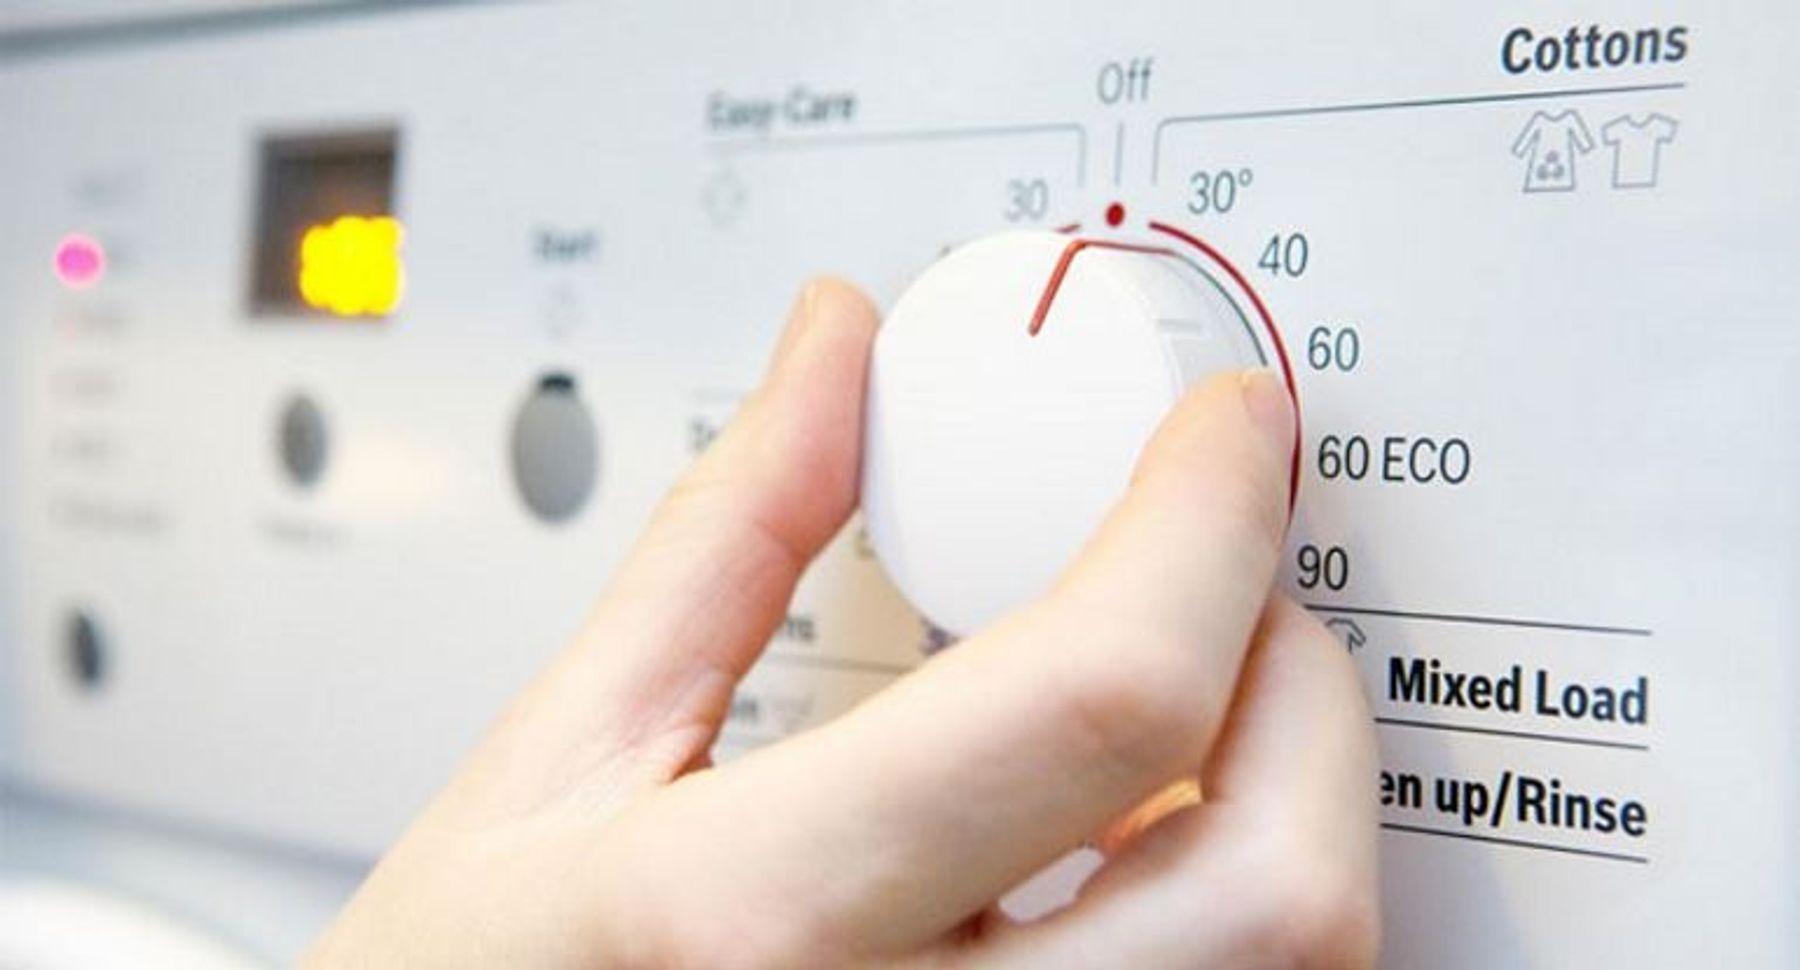 Chuyển sang giặt máy bằng nước lạnh 3 lần/tuần